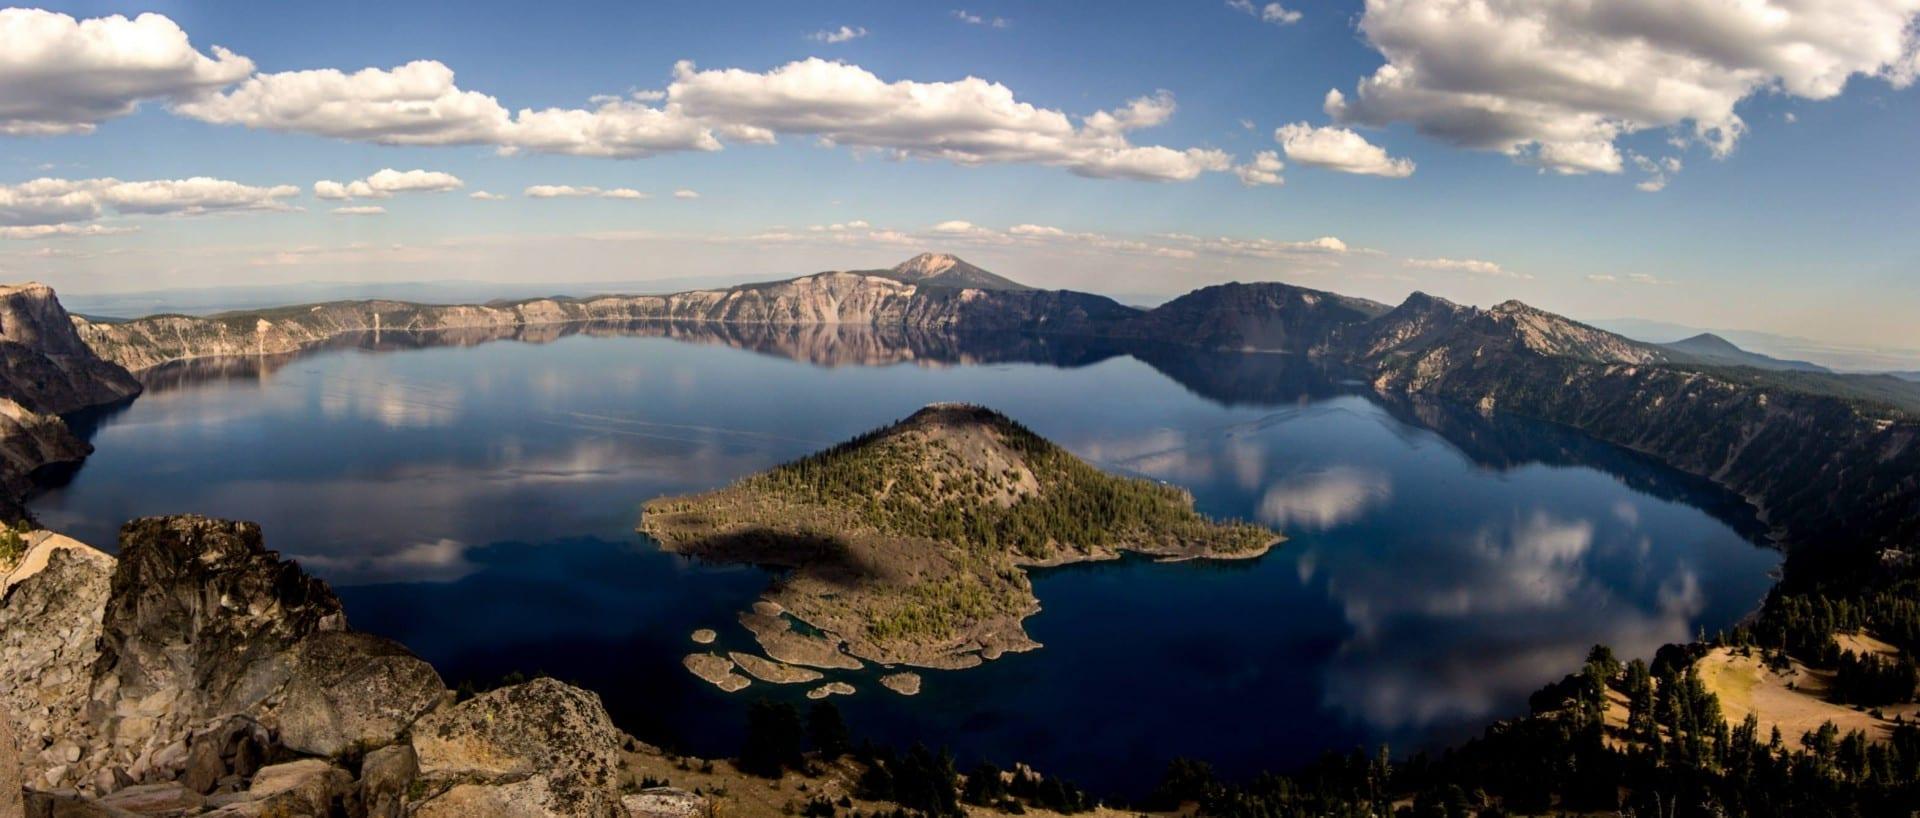 El lago del cráter y la Isla del Mago de Watchman Lookout Crater Lake Parque Nacional, OR Estados Unidos